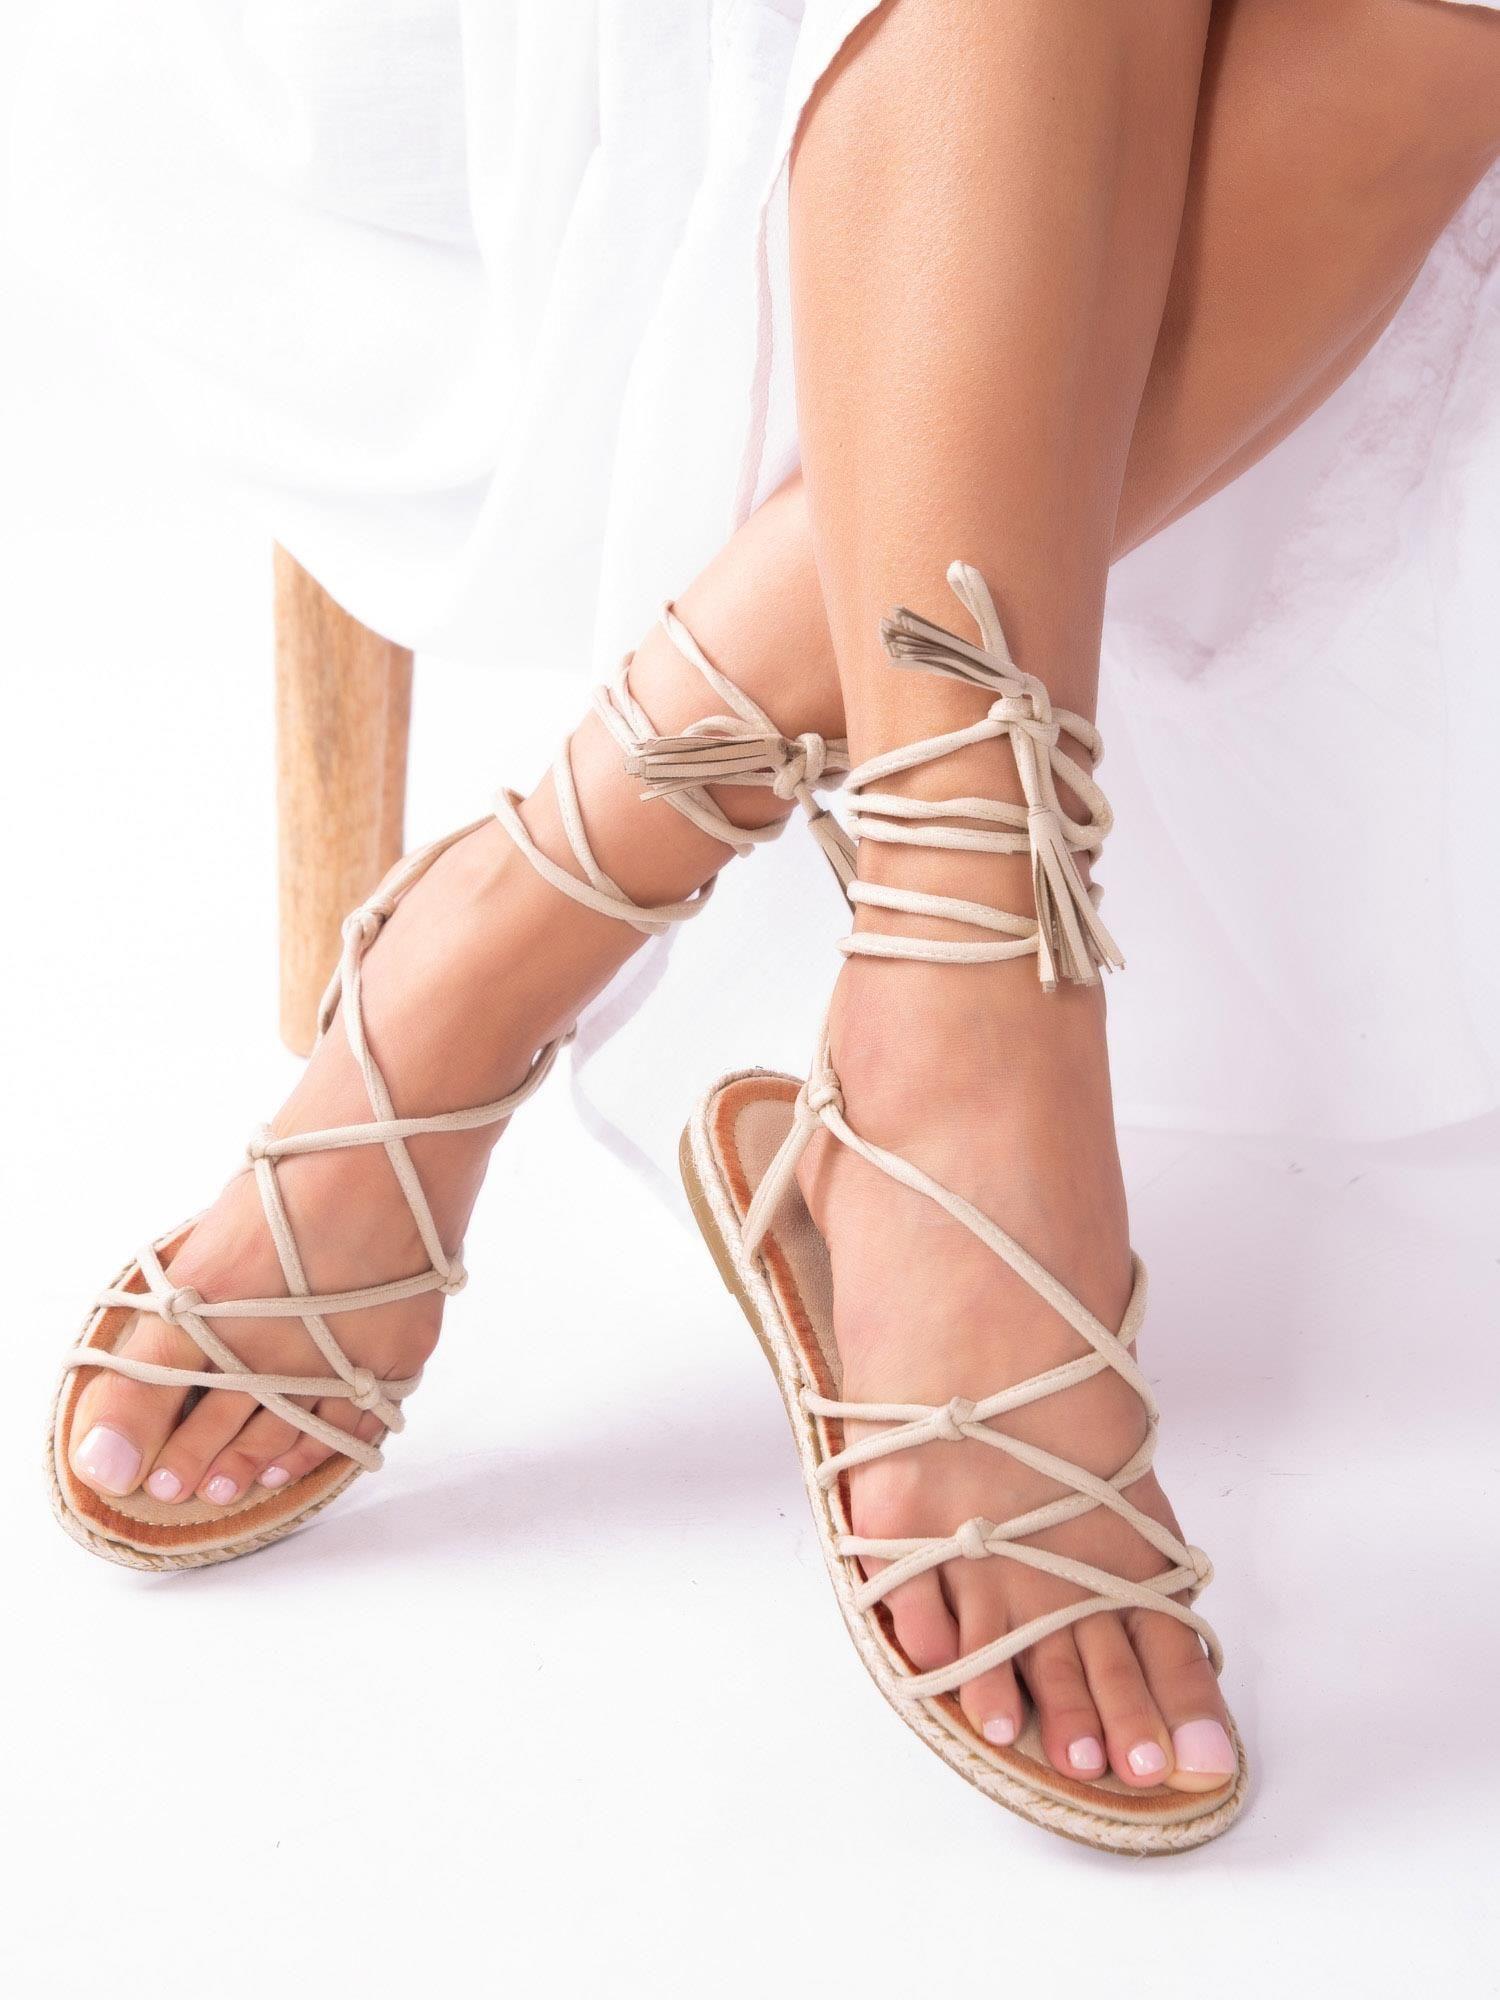 7dfcc72cb95a83 Beżowe sandały wiązane wokół kostki - Buty Sandały wysokie - sklep ...